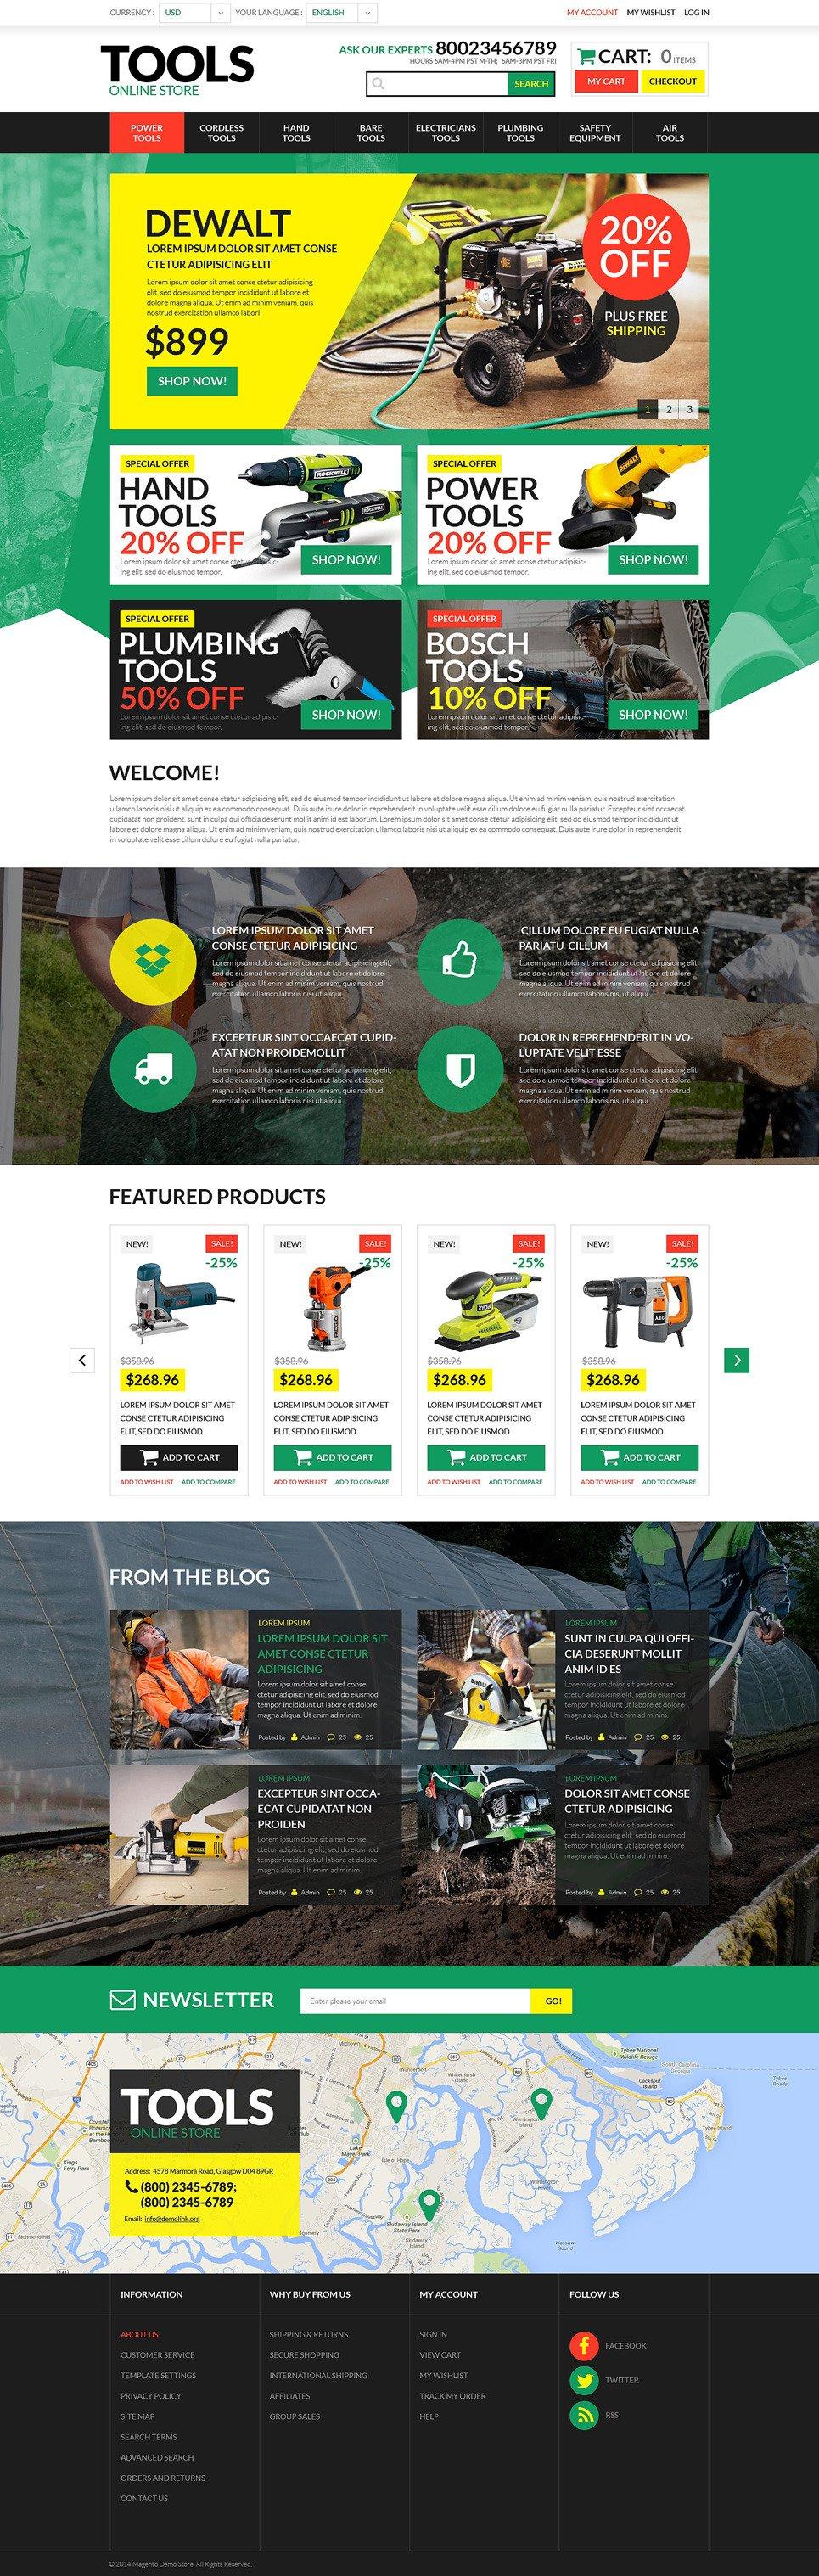 Tools & Equipment PSD Template New Screenshots BIG